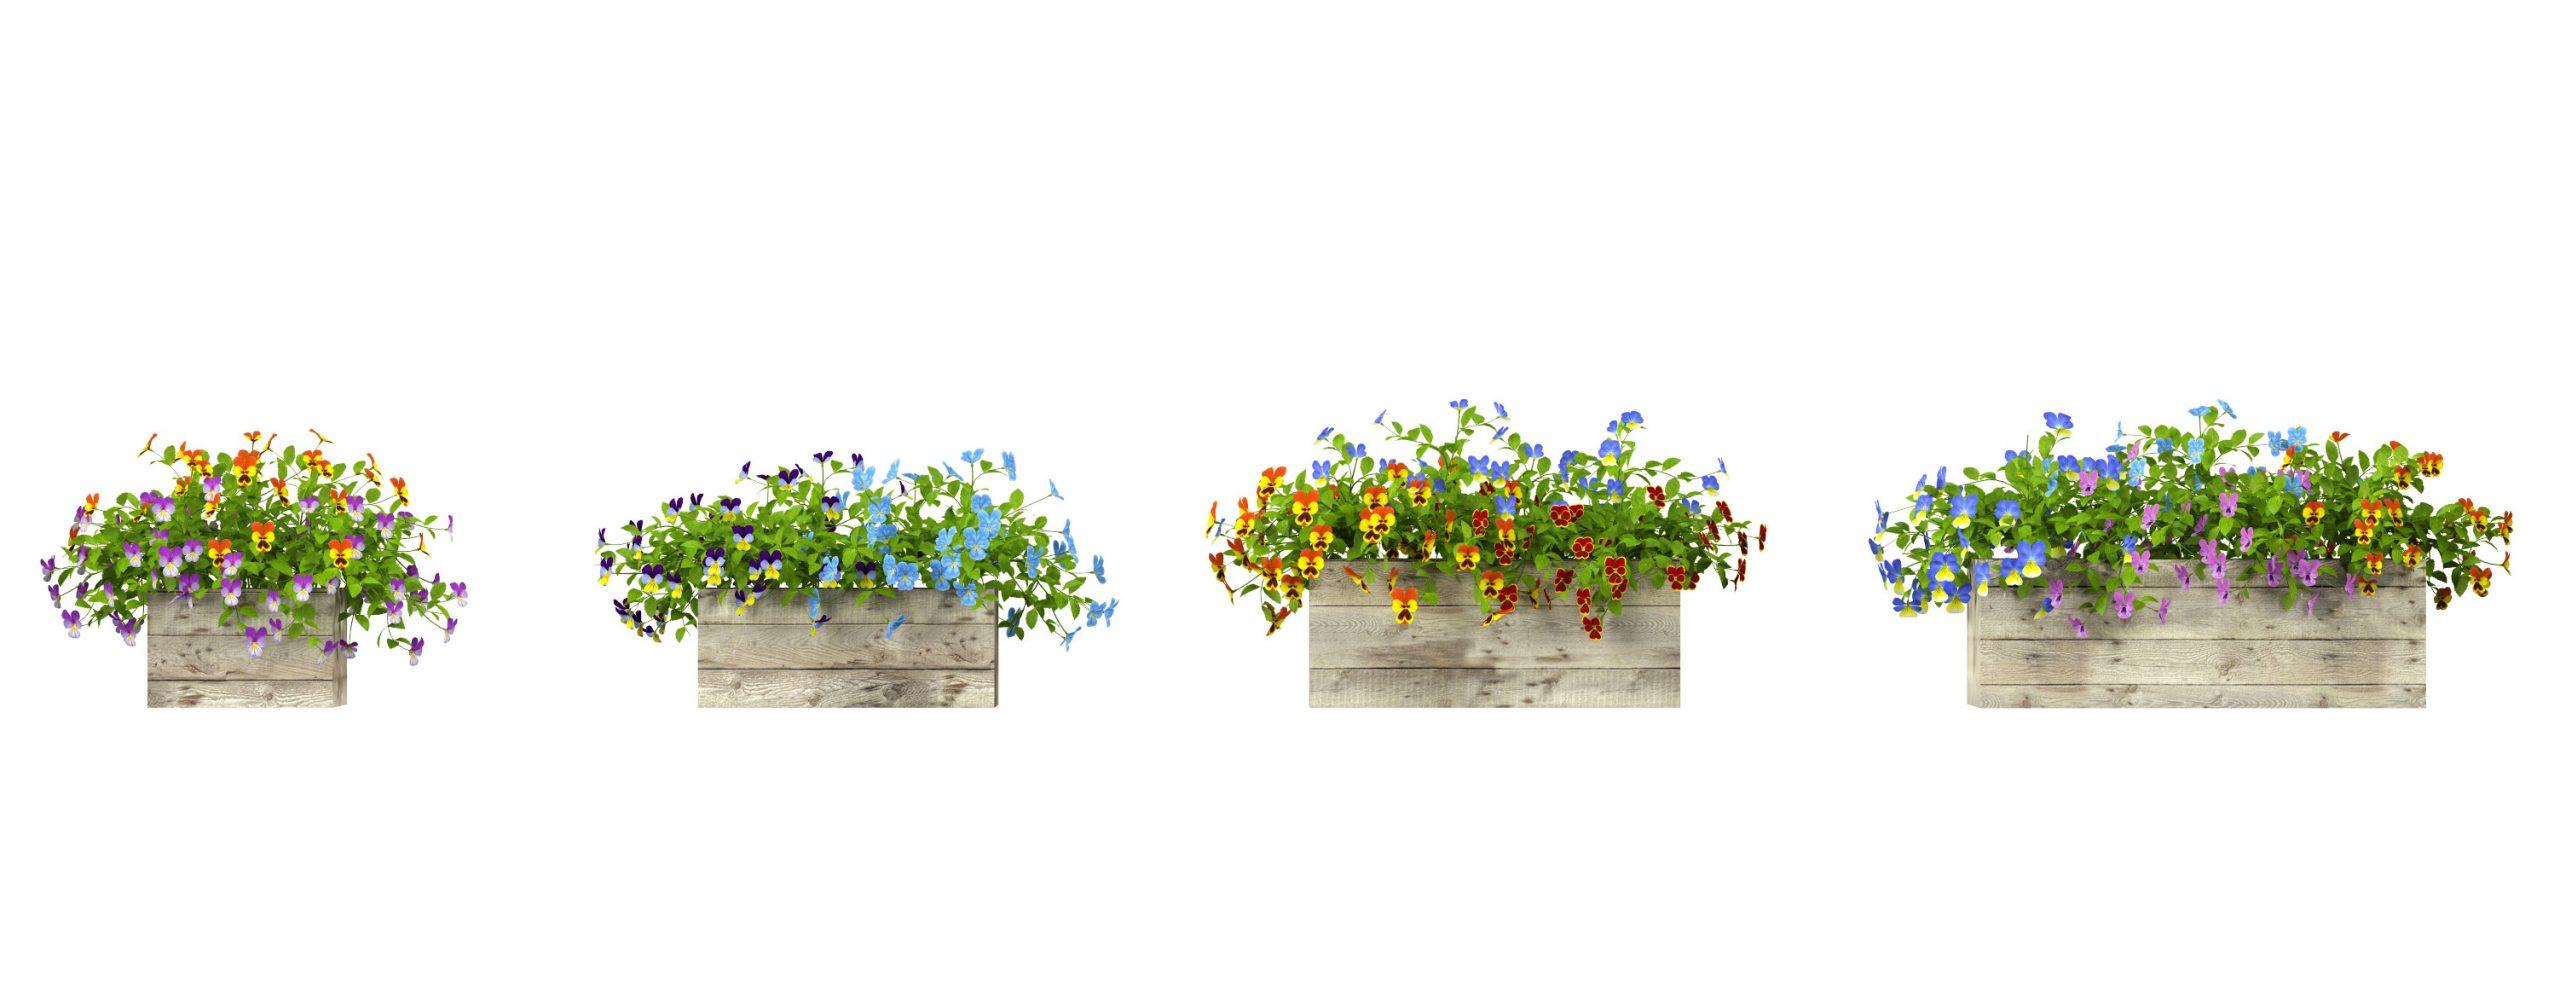 RANDOM MODELS – PRO MODELS 337 – FLOWER MODELS